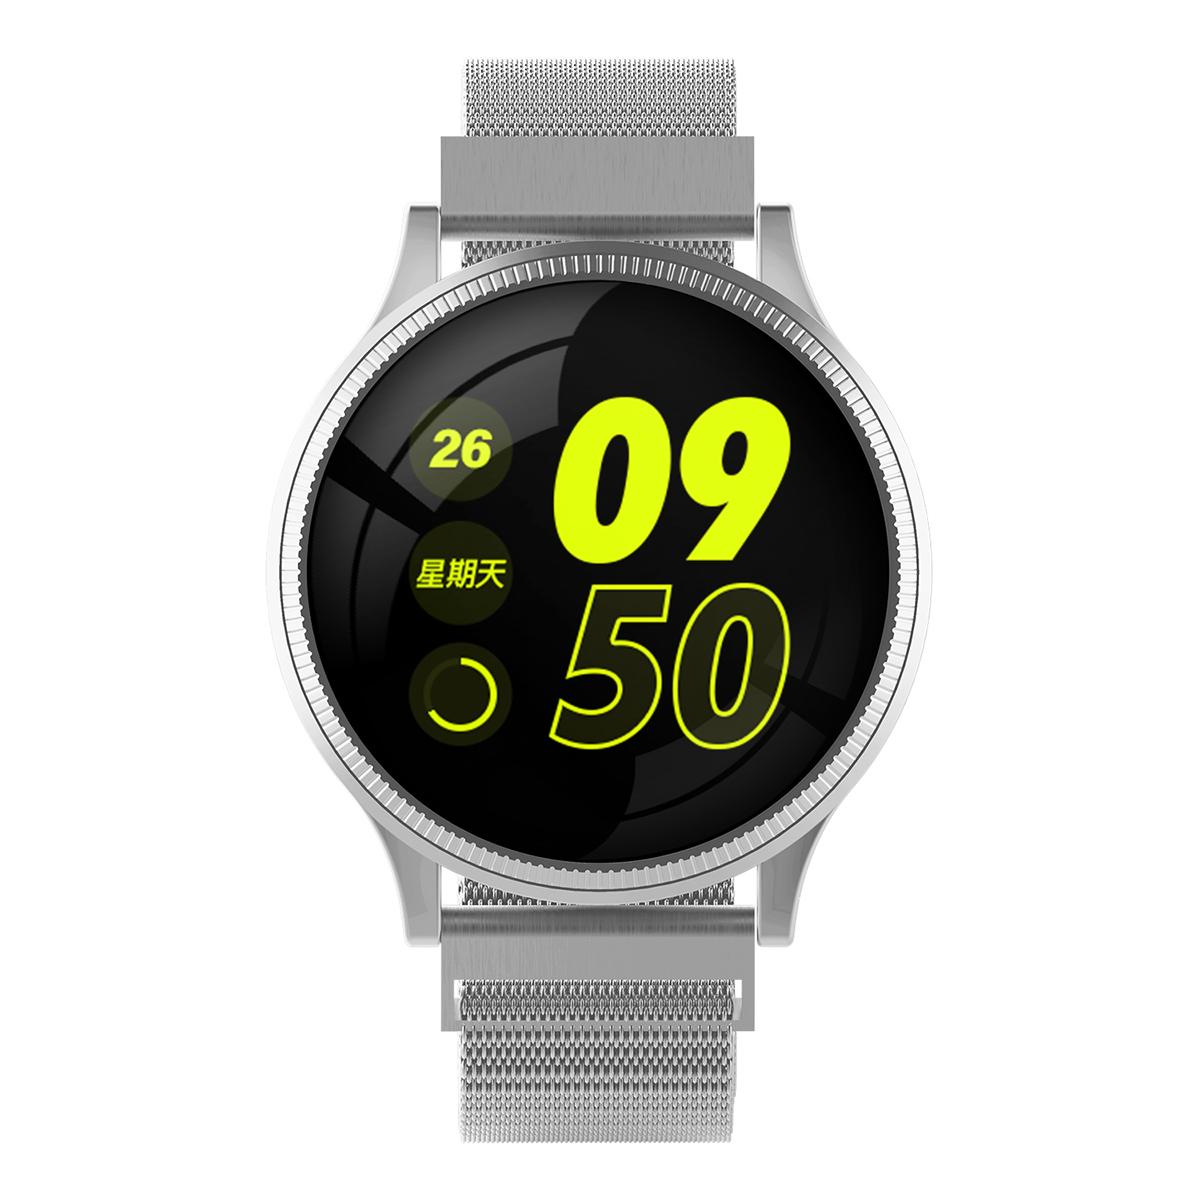 欧达时尚典雅圆形智能手环镜面屏运动血压计步多运动模式MK08